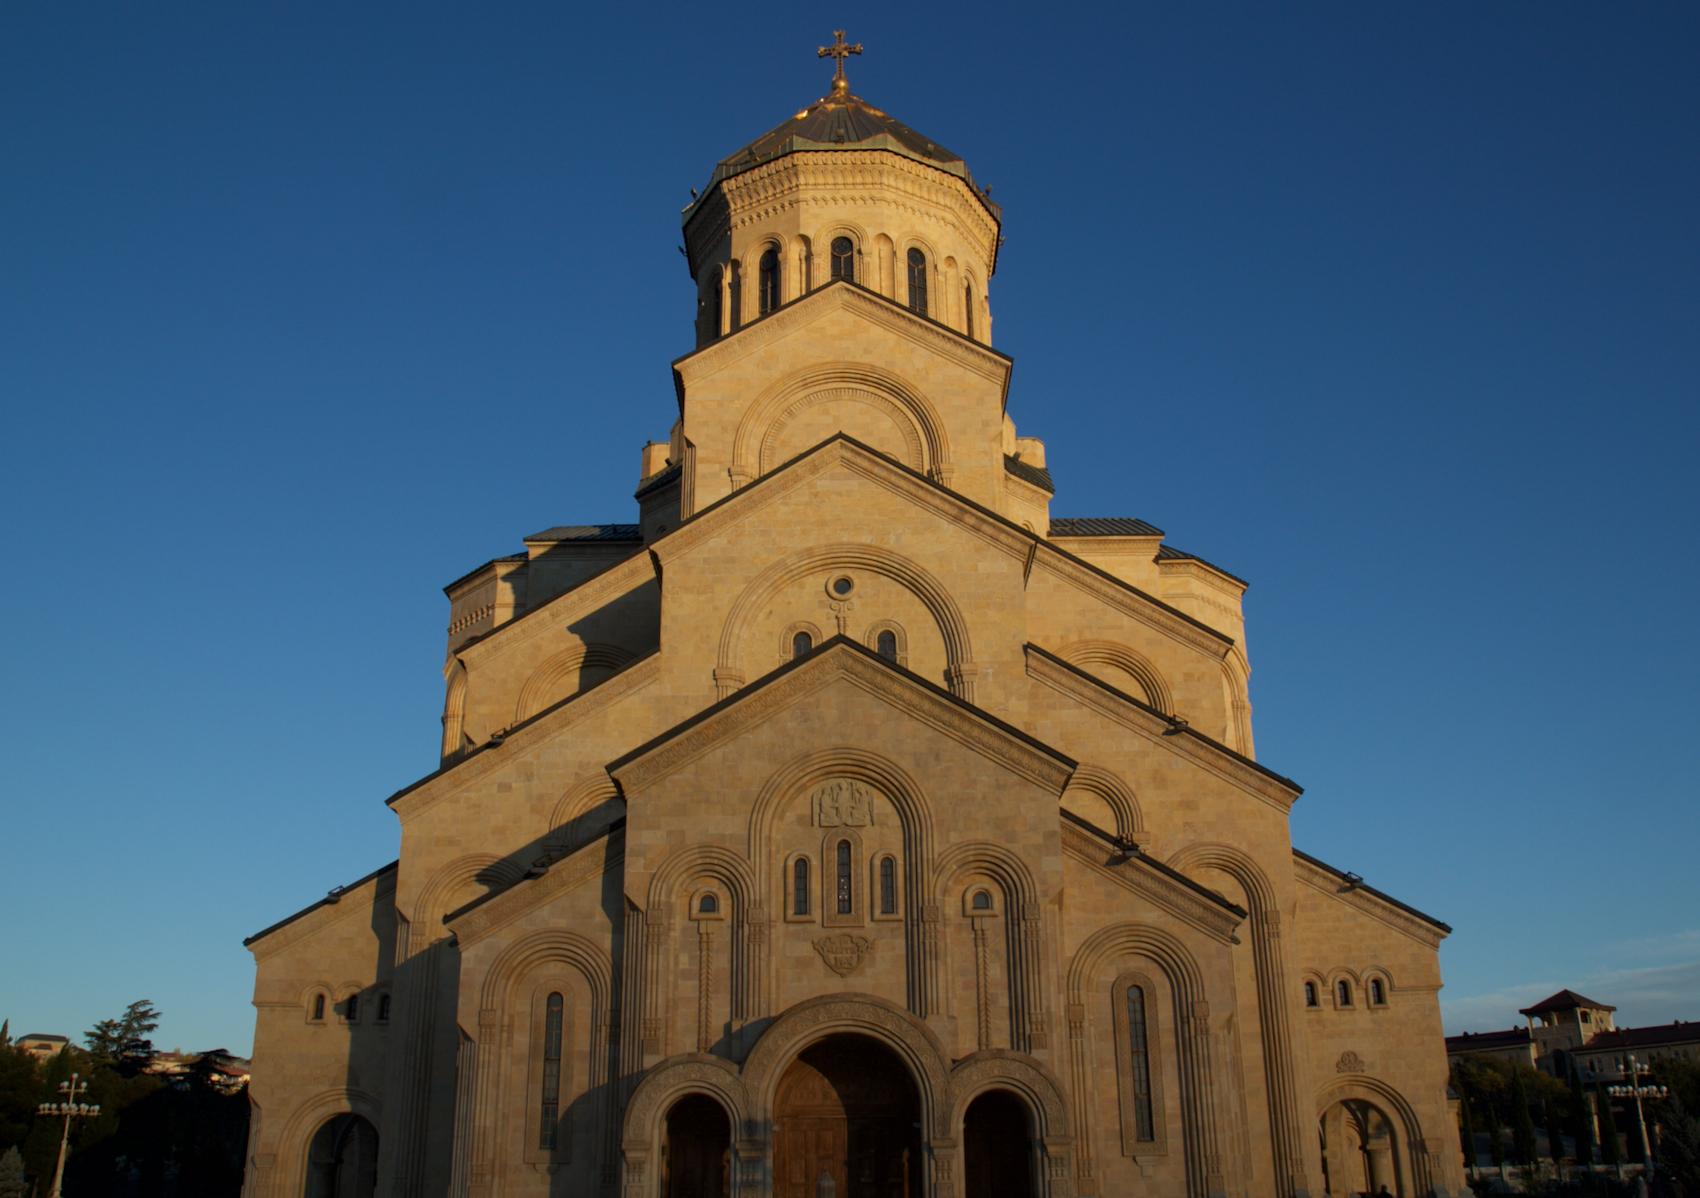 La Cathédrale de la Trinité de Tbilissi haut lieu de la culture orthodoxe © PG TM